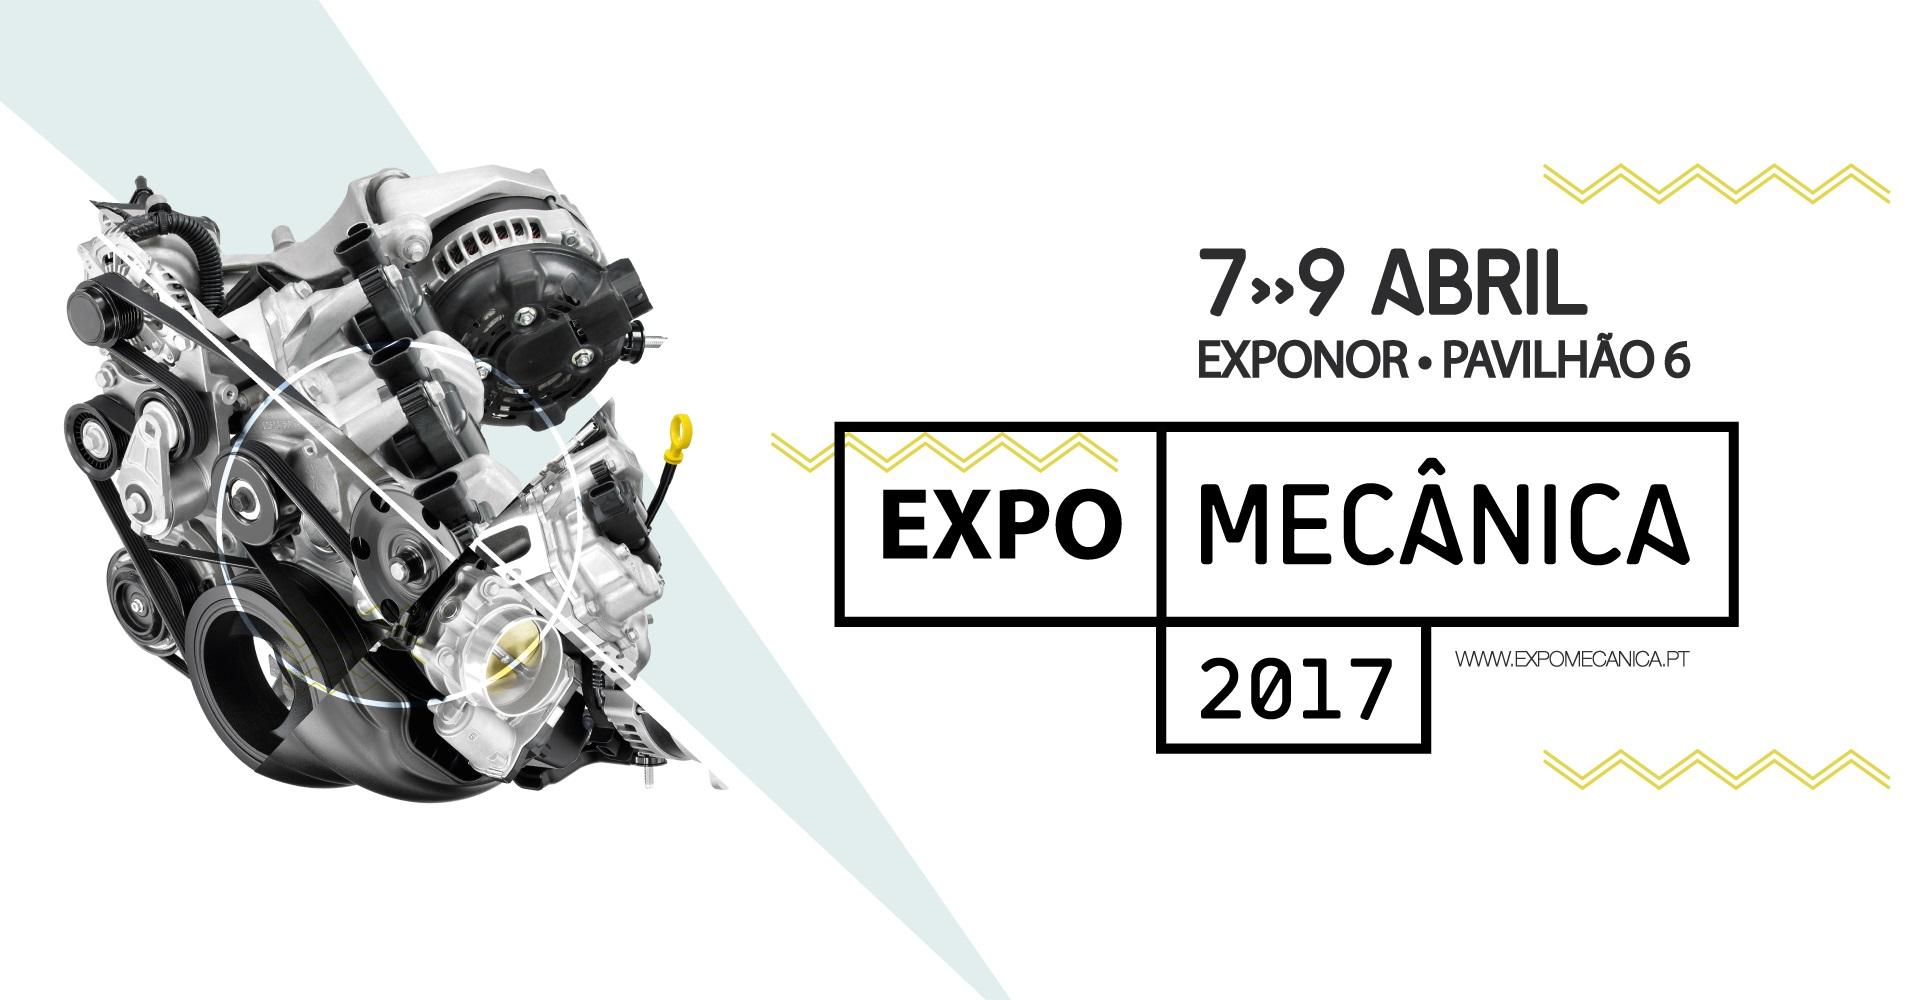 Infortrónica na Expomecânica 2017, Exponor